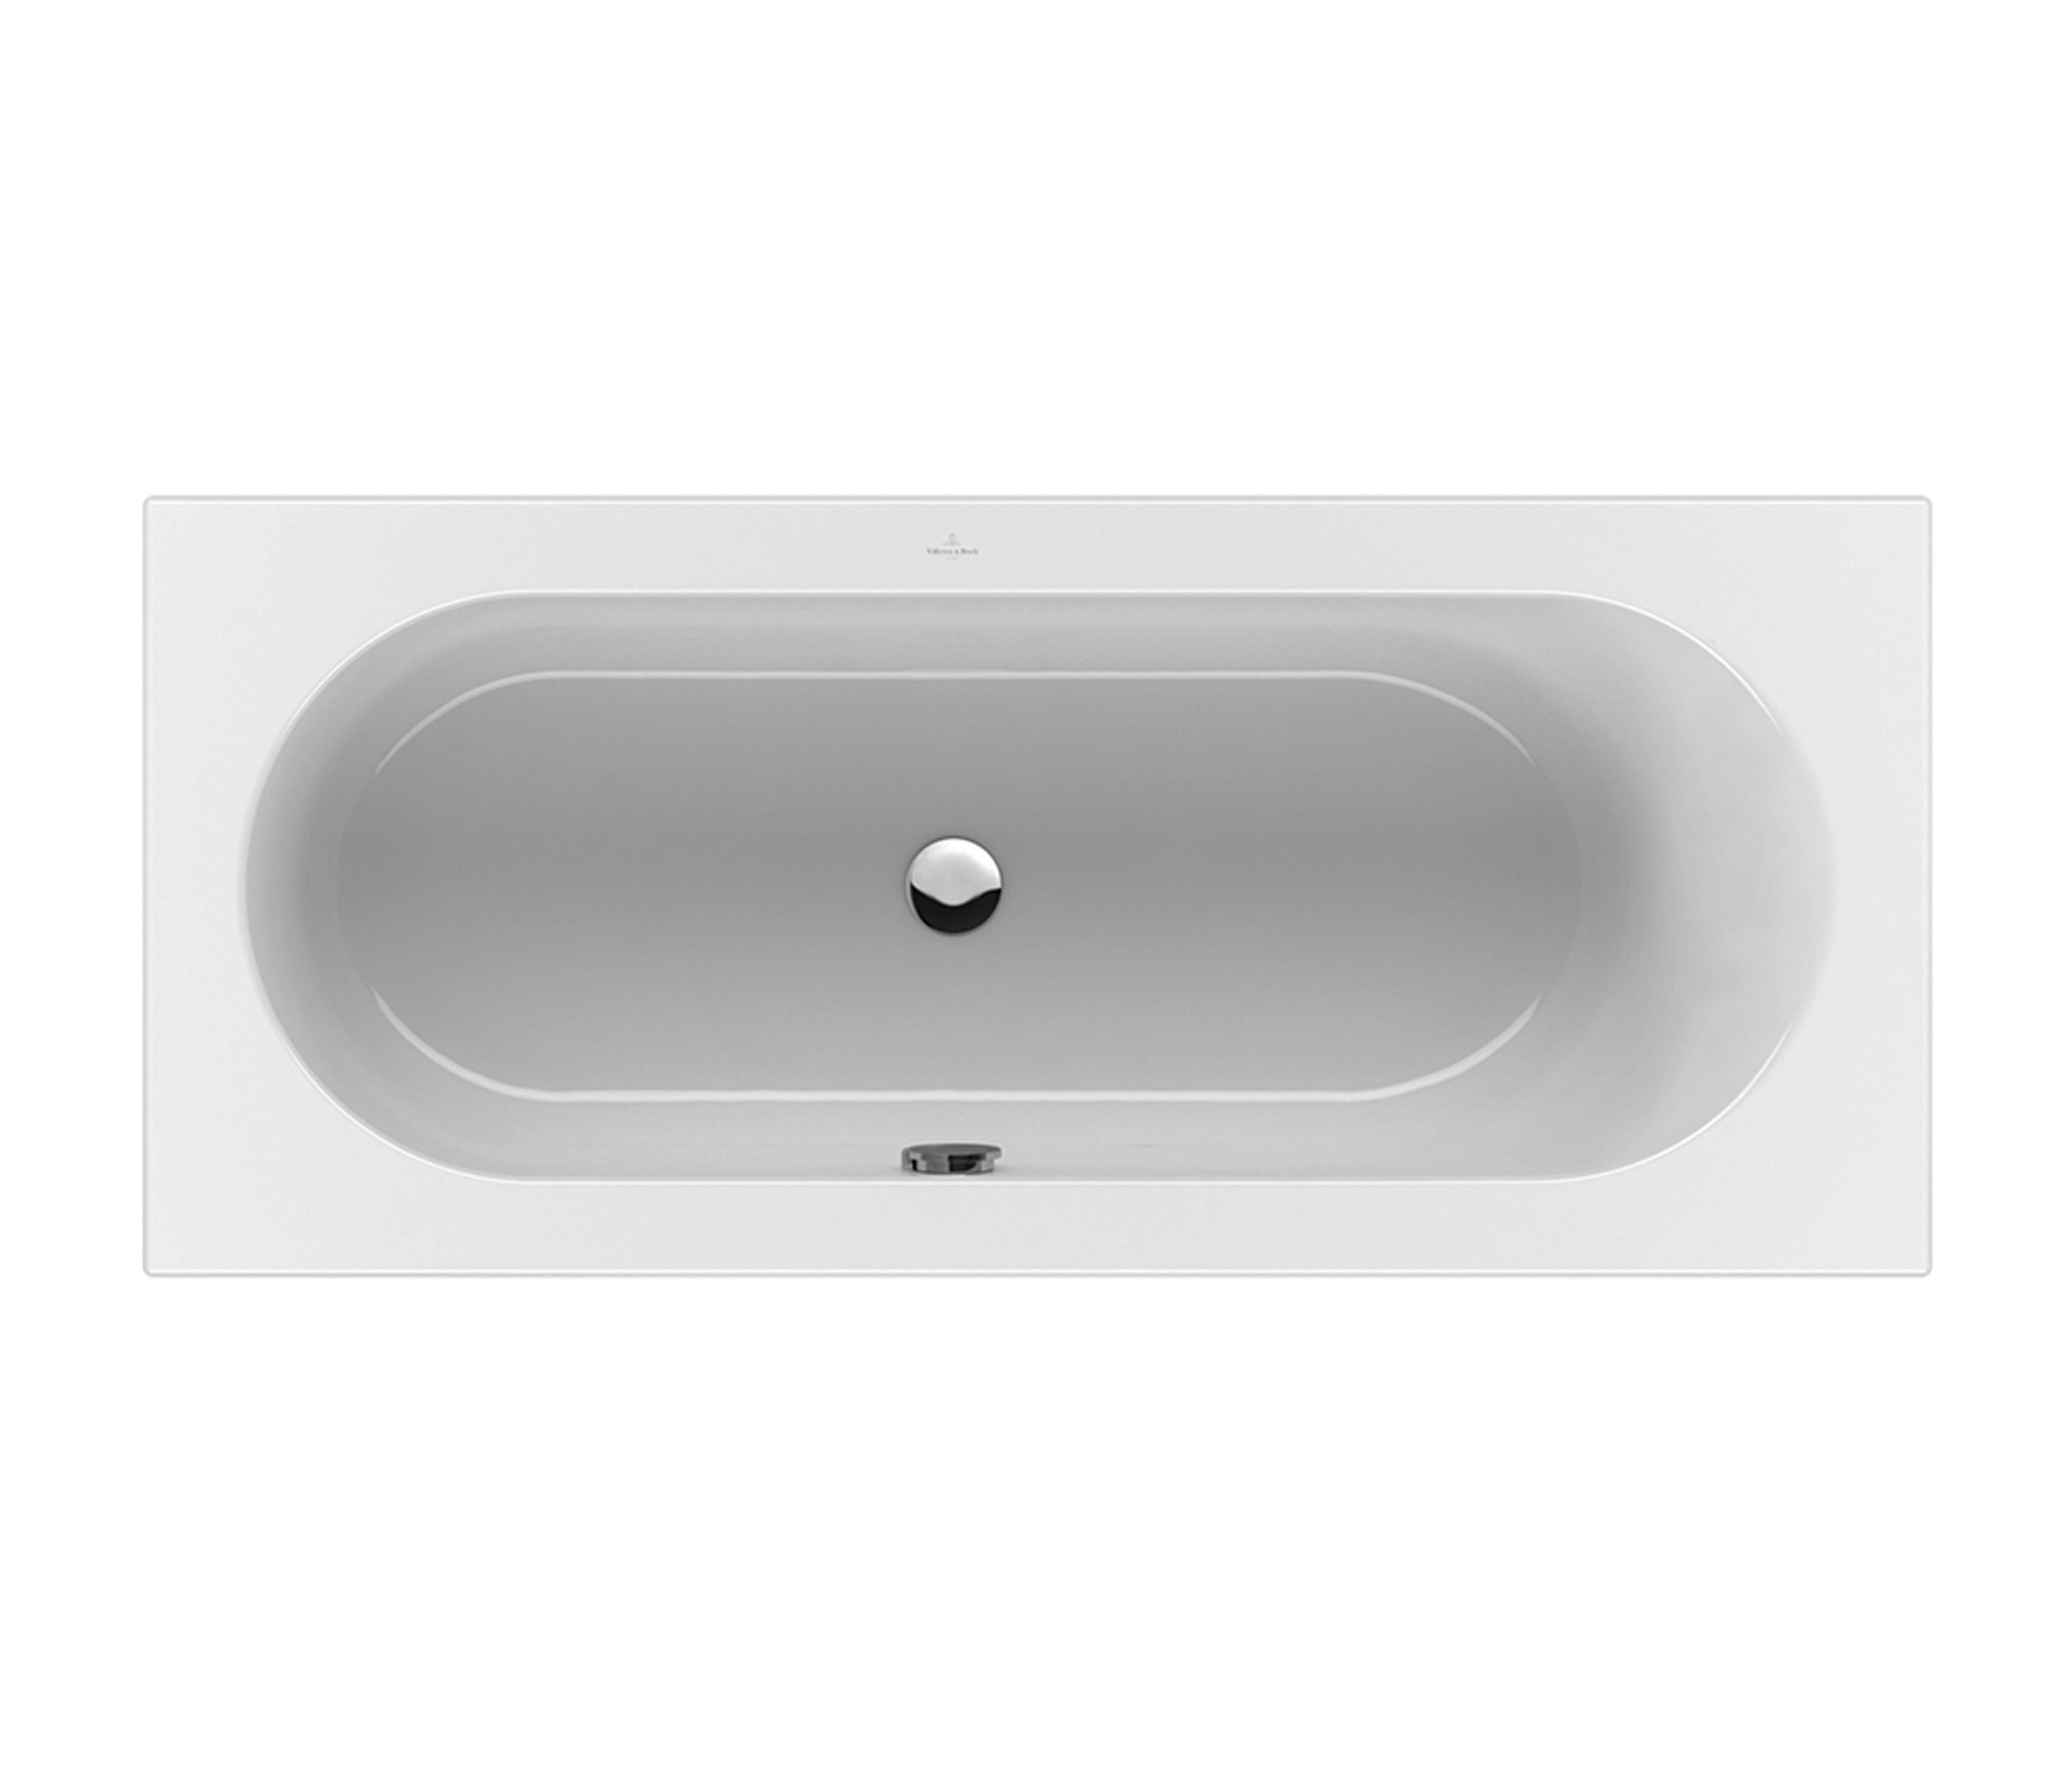 Loop friends vasca da bagno vasche ad incasso villeroy - Villeroy boch bagno ...